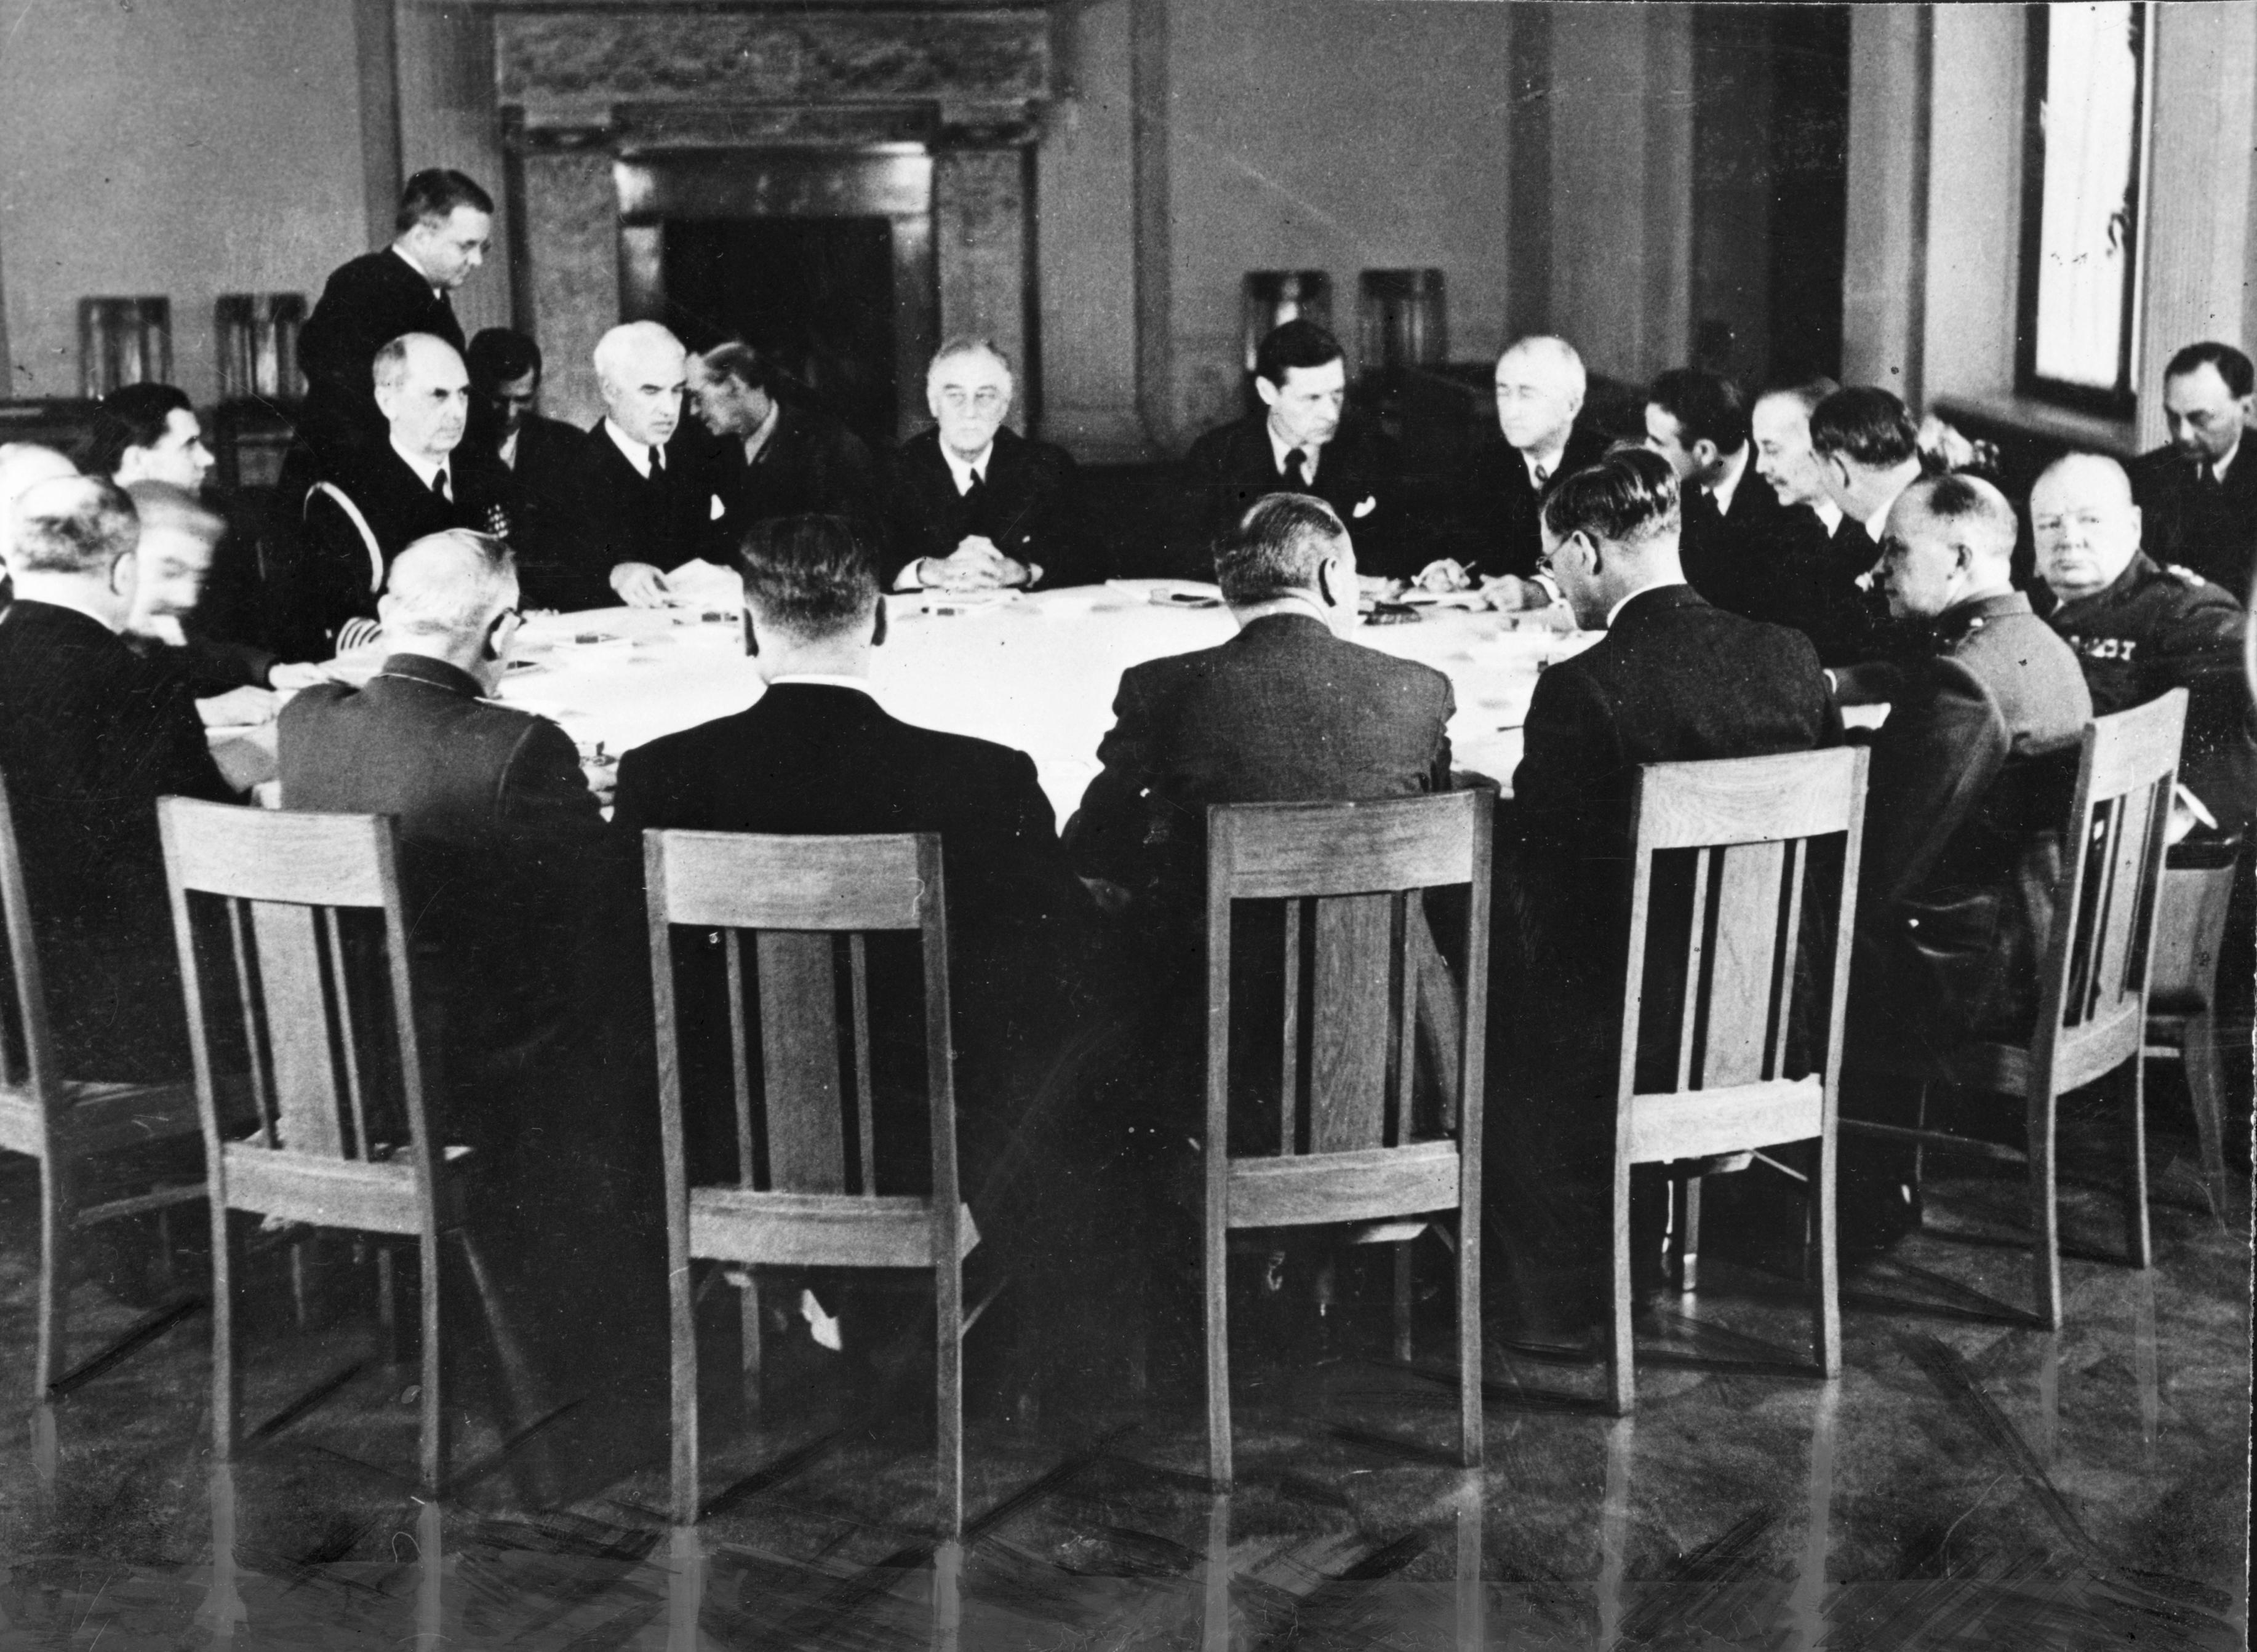 Ф. Д. Рузвельт, И. Сталин, У. Черчилль и другие за столом во время Ялтинской конференции